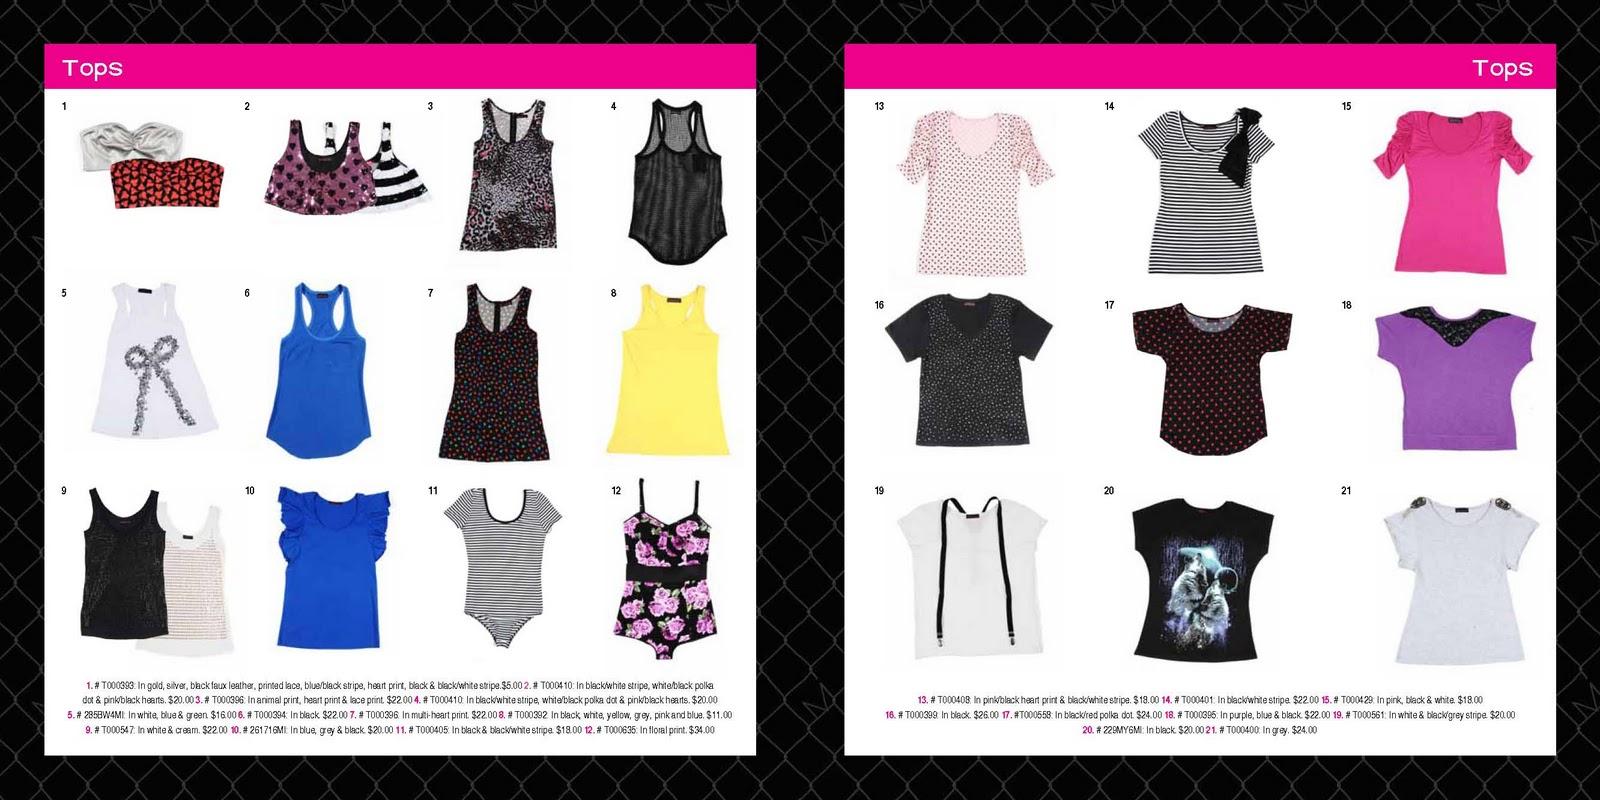 http://3.bp.blogspot.com/_n3CkVu0U_i0/TNWu_245MlI/AAAAAAAAEtI/i2YCricrQos/s1600/MG_Lookbook_material+girl_Page_03.jpg